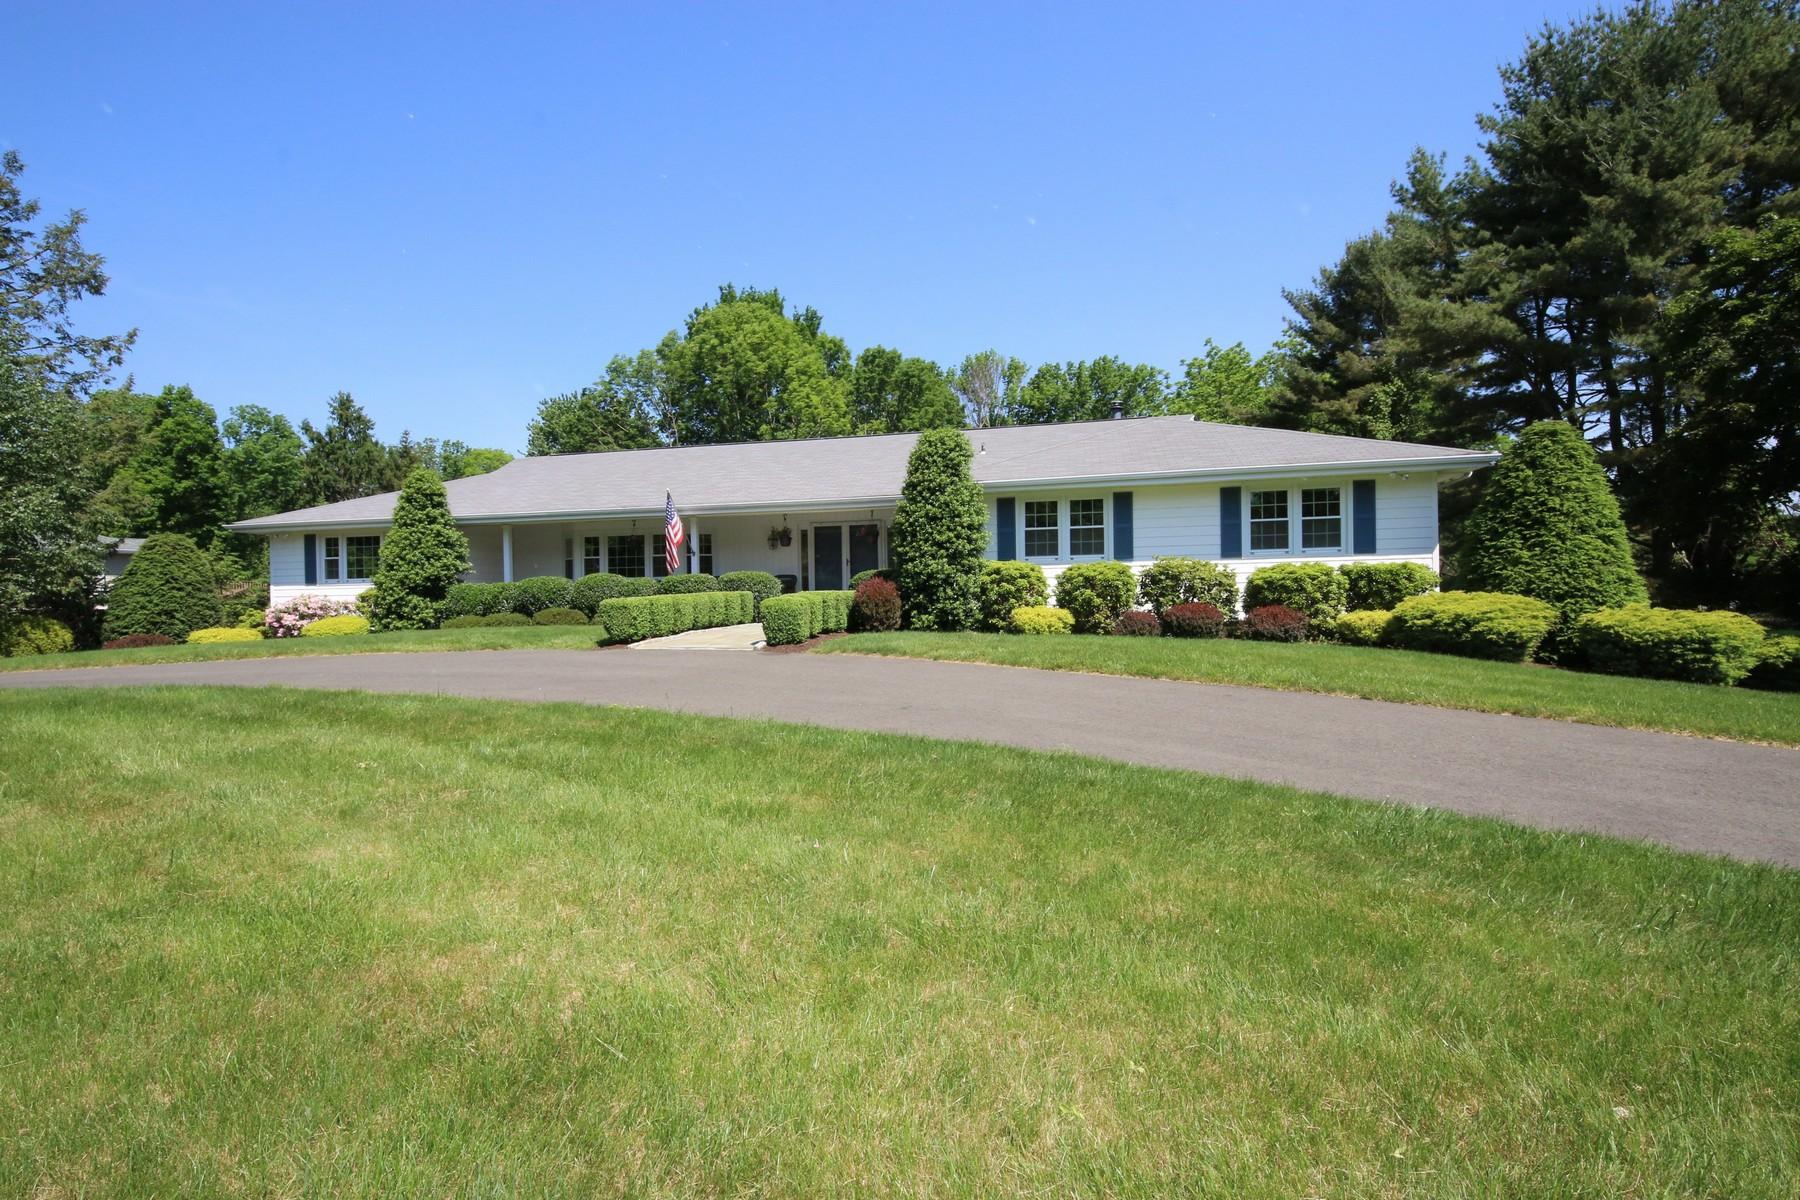 獨棟家庭住宅 為 出售 在 Expansive & Welcoming 141 Remington Road Ridgefield, 康涅狄格州, 06877 美國